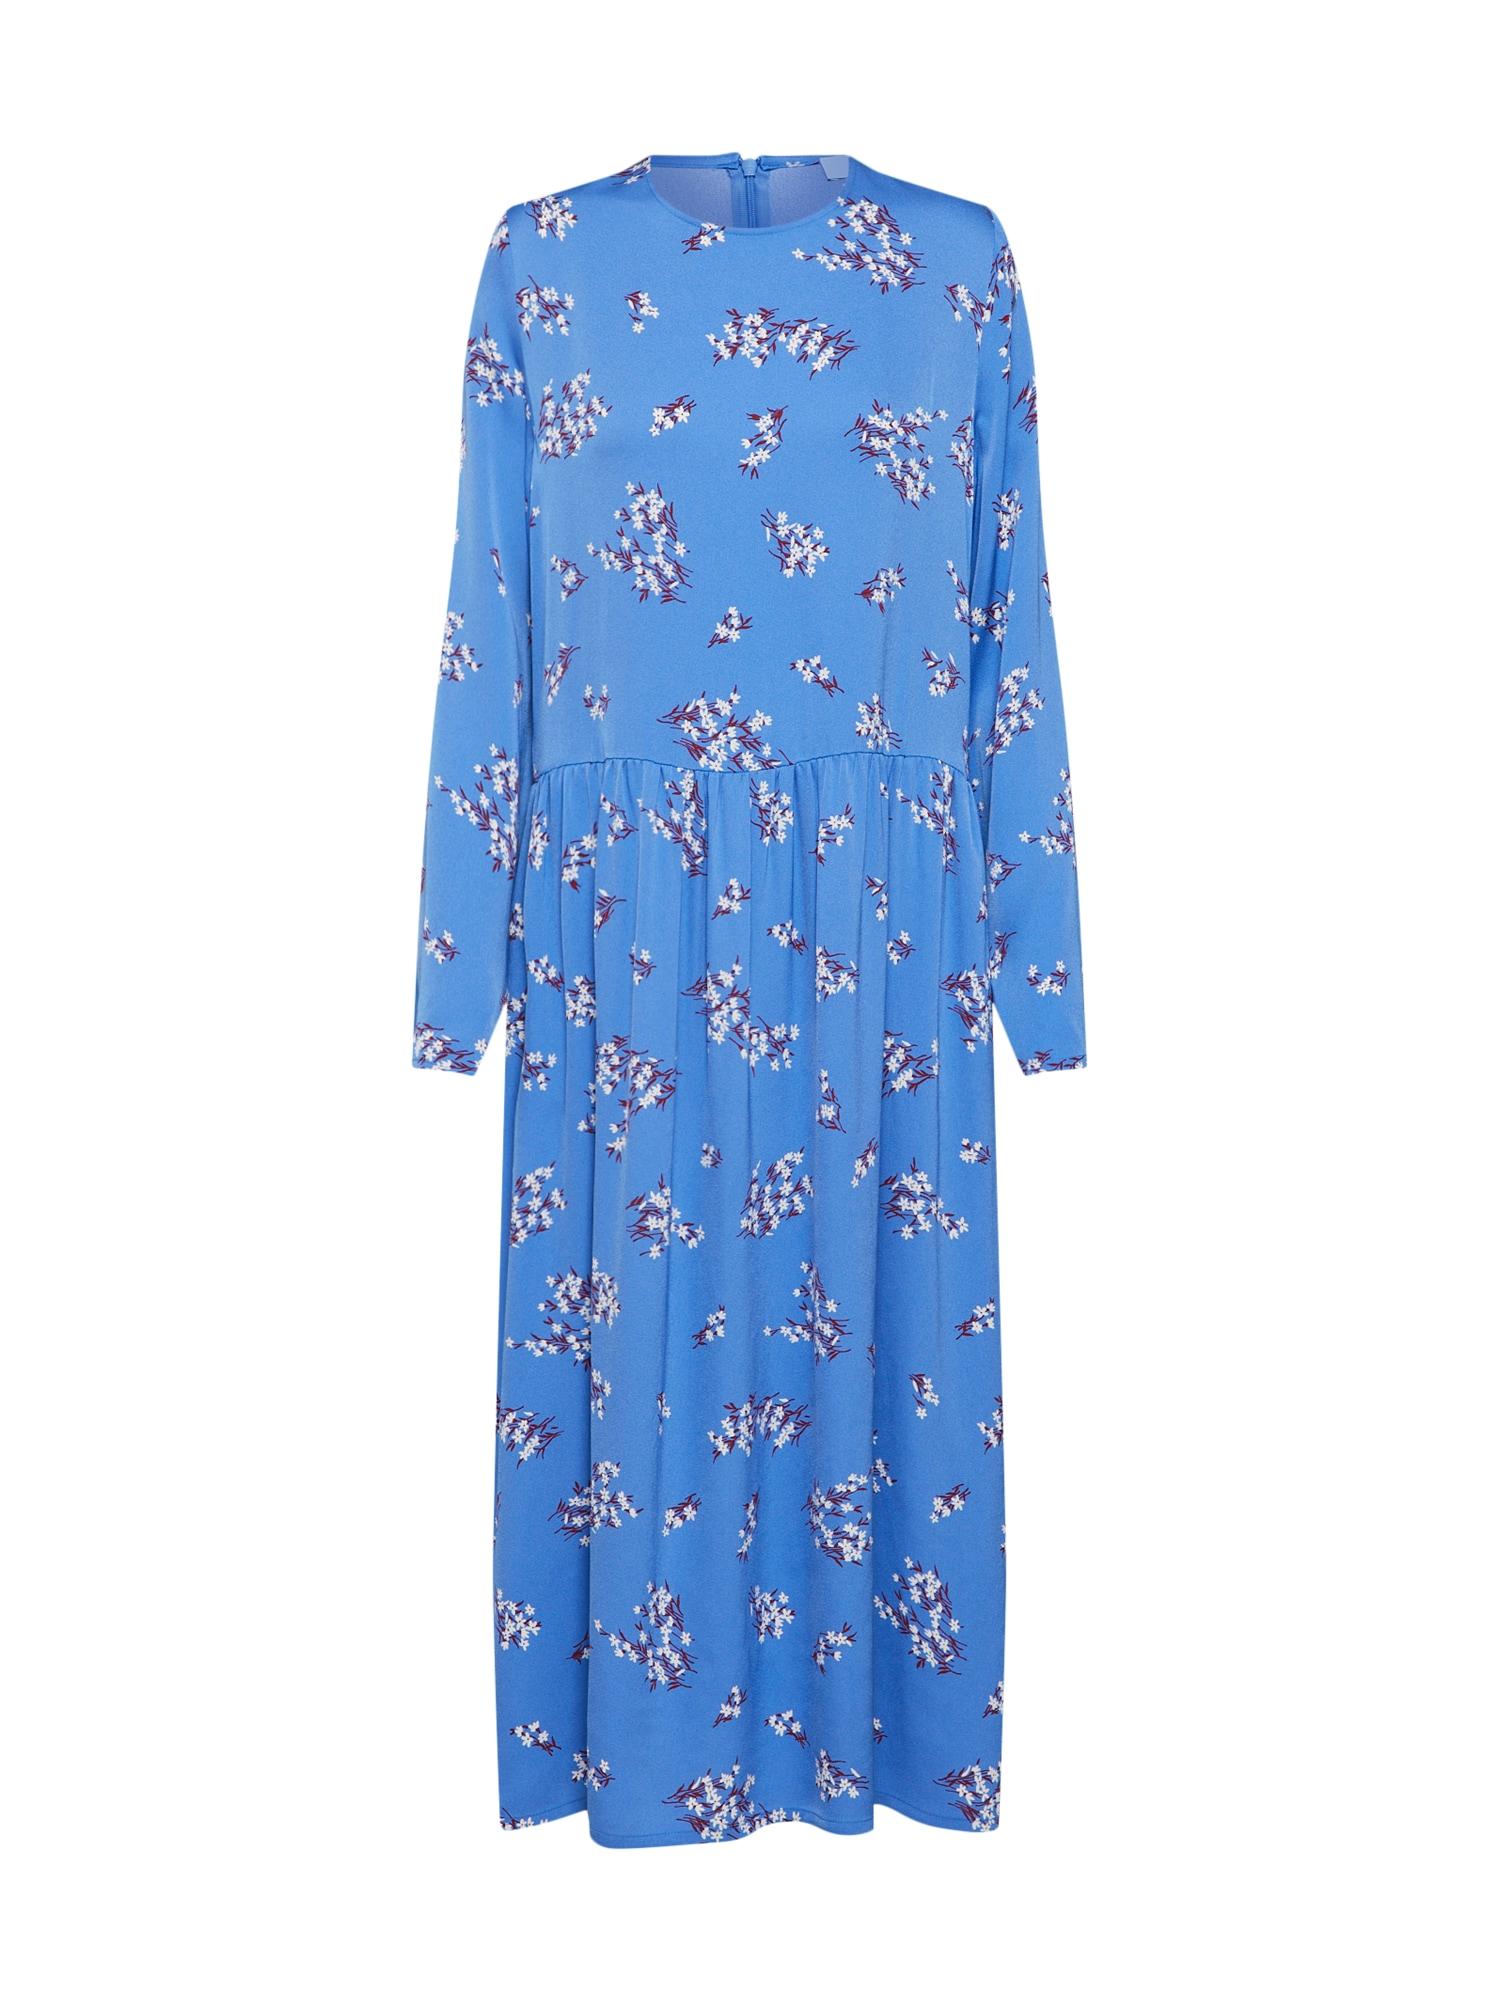 Šaty RAMA DRESS AOP modrá Samsoe & Samsoe